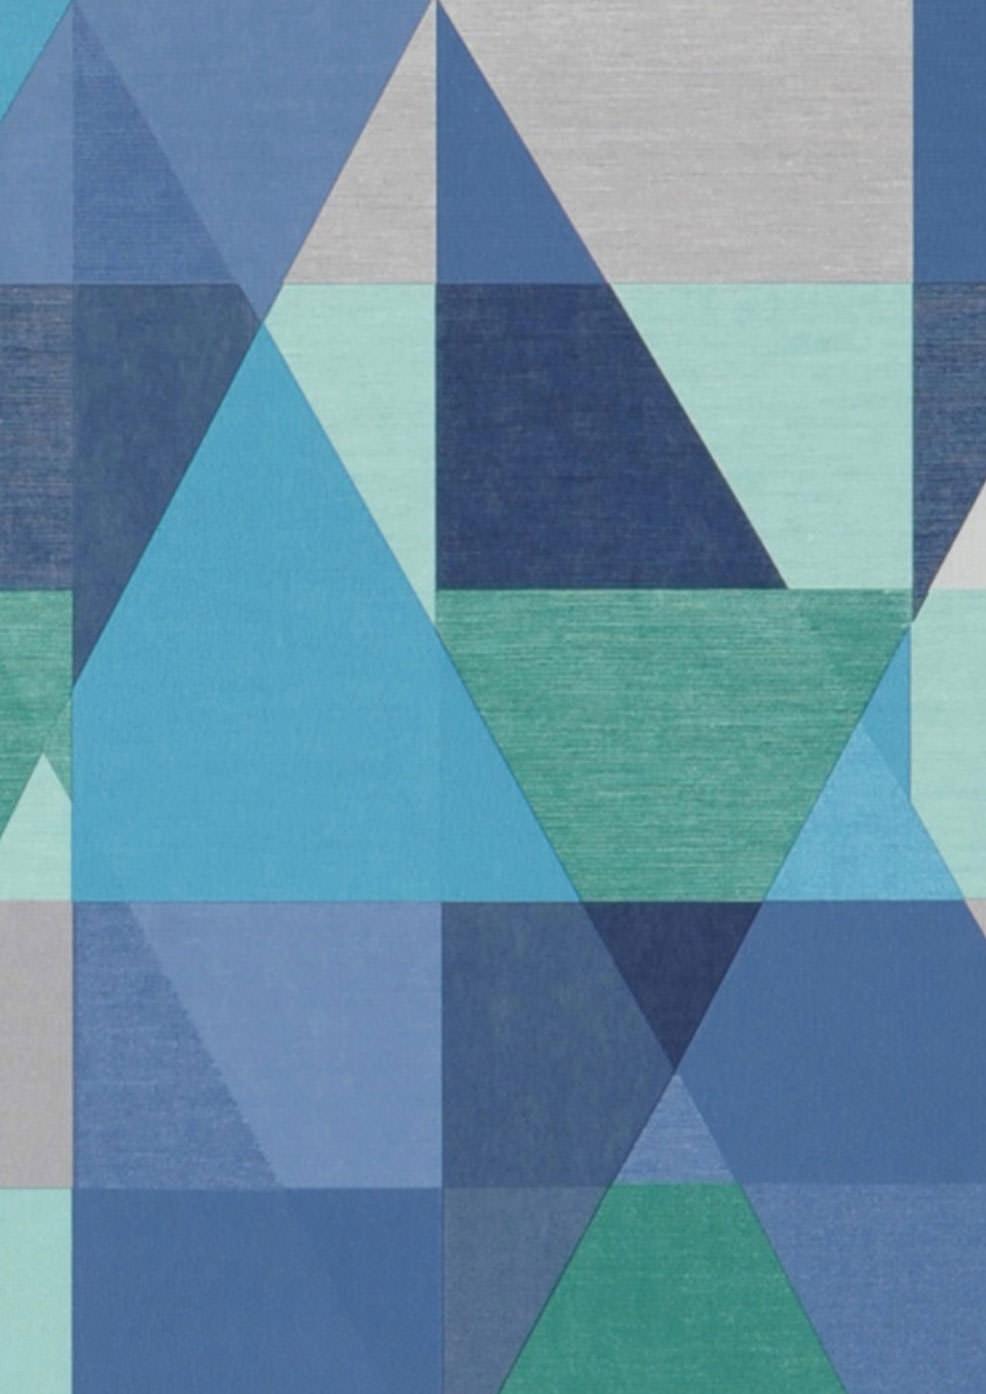 Zewana bleu fonc blanc gris gris clair vert menthe for Couleur bleu turquoise fonce